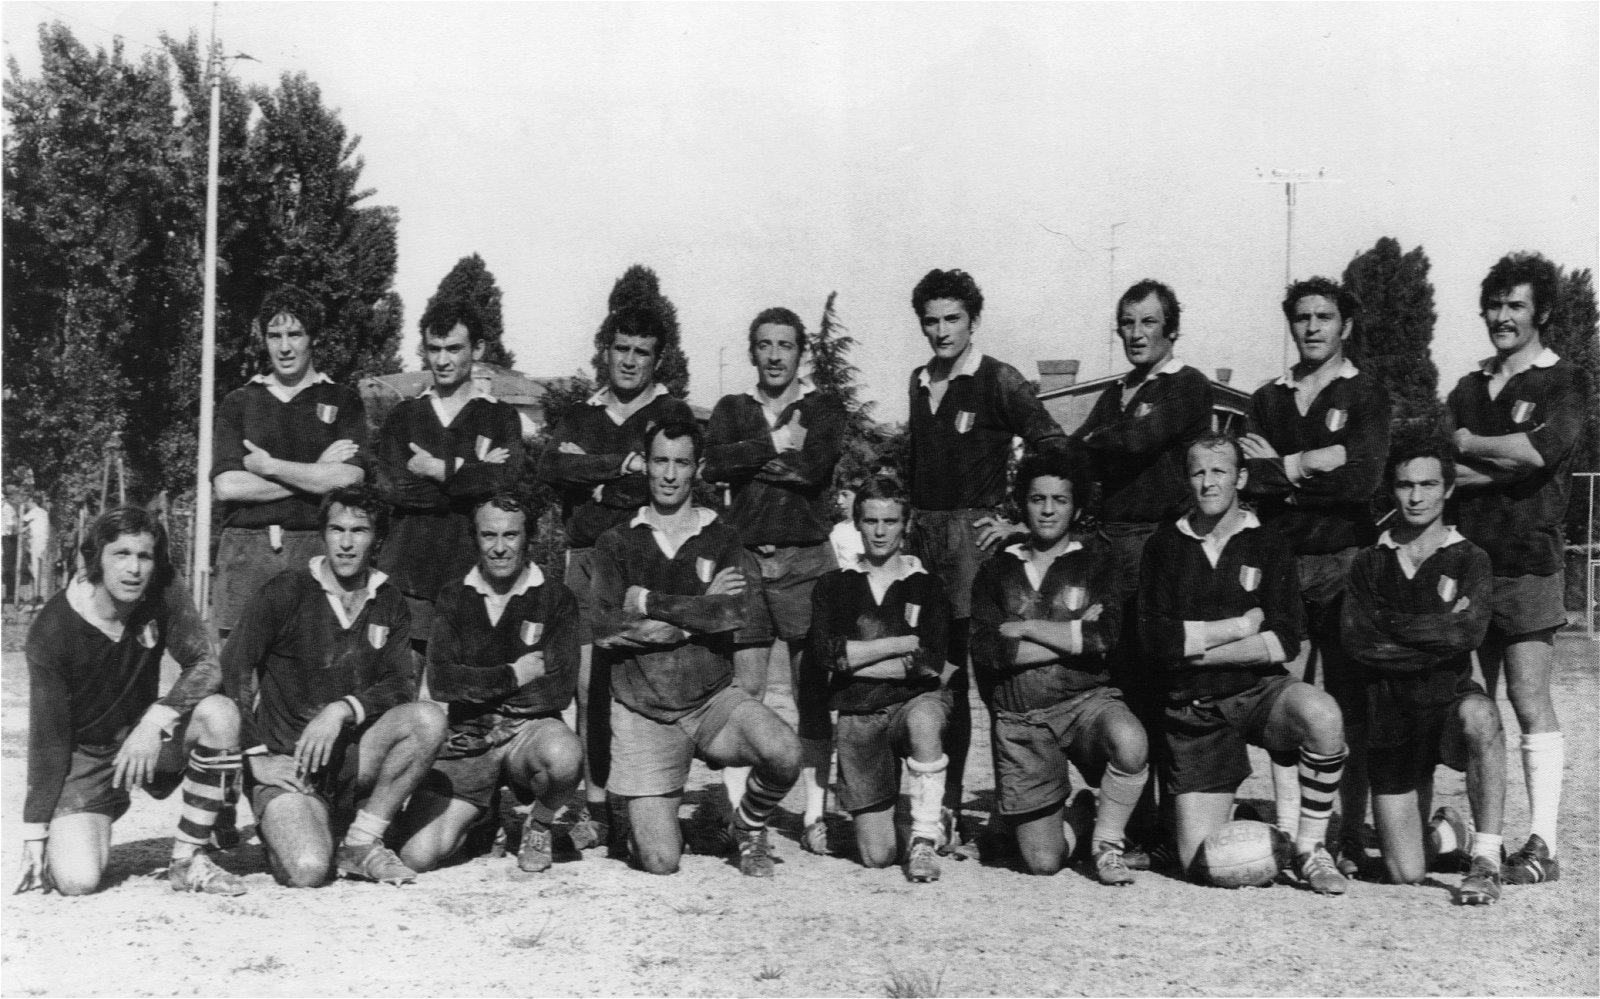 Albo d'oro campionato italiano rugby